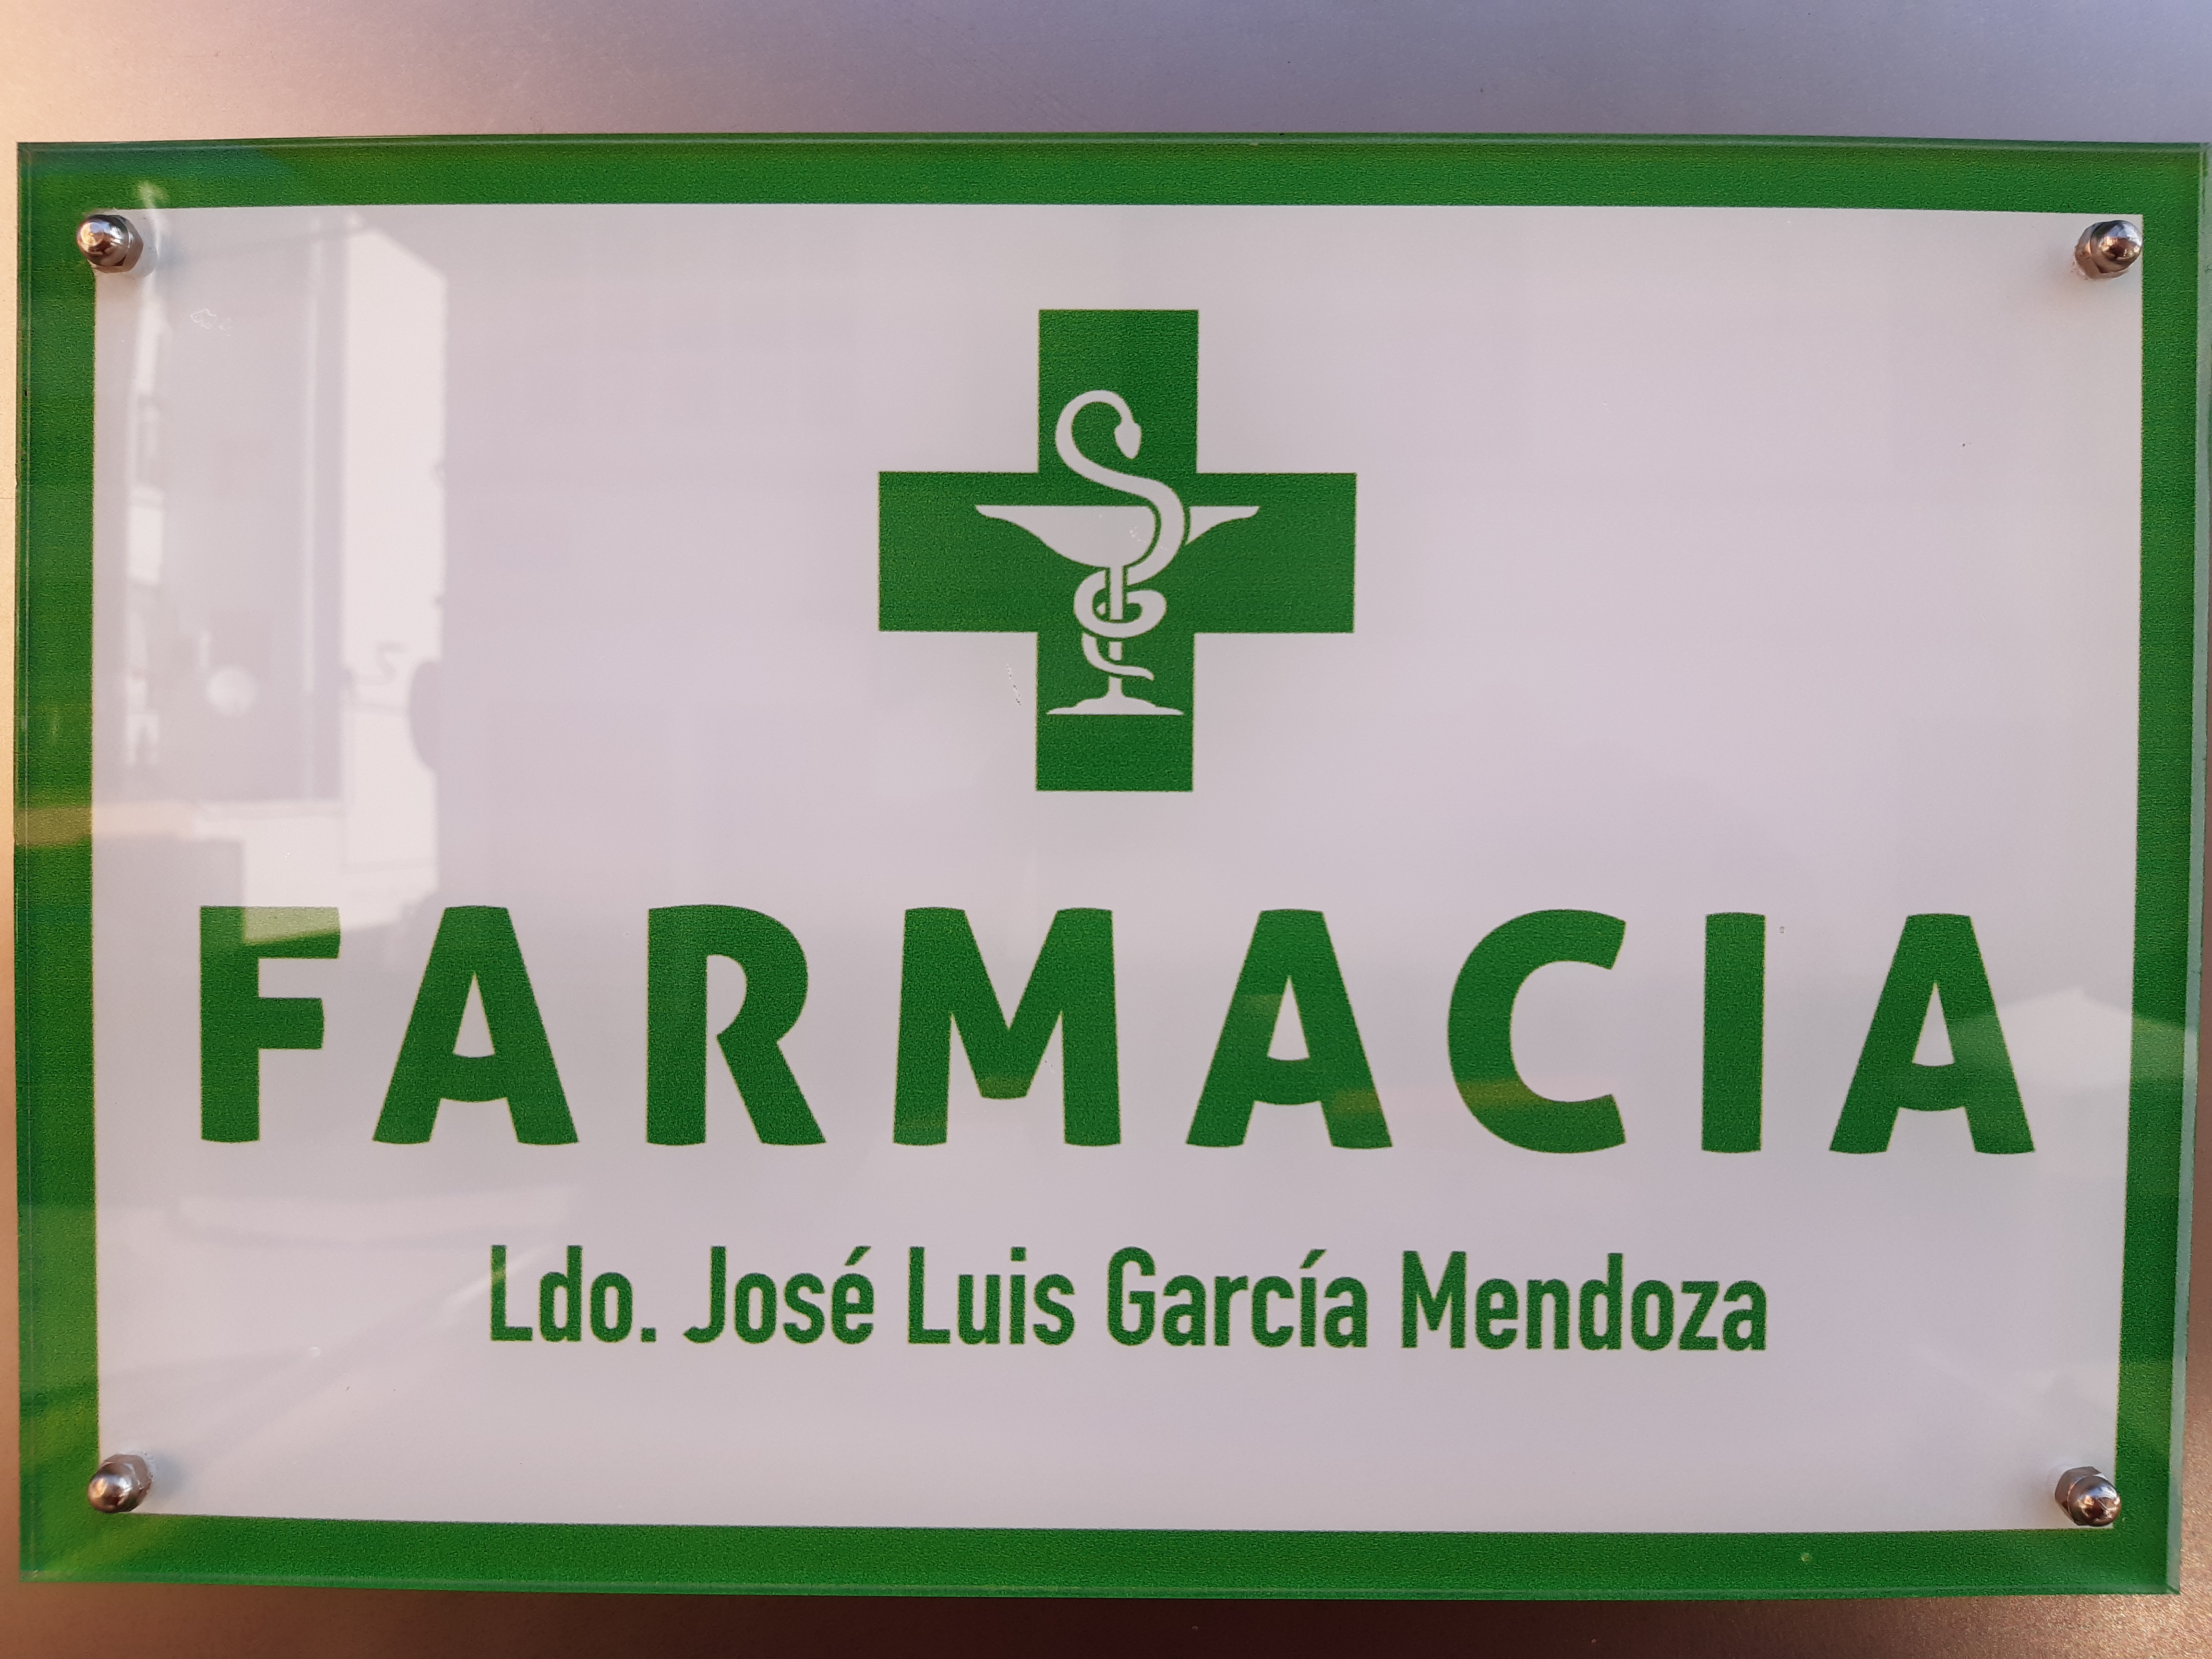 Farmacia Ldo. José Luís García Mendoza